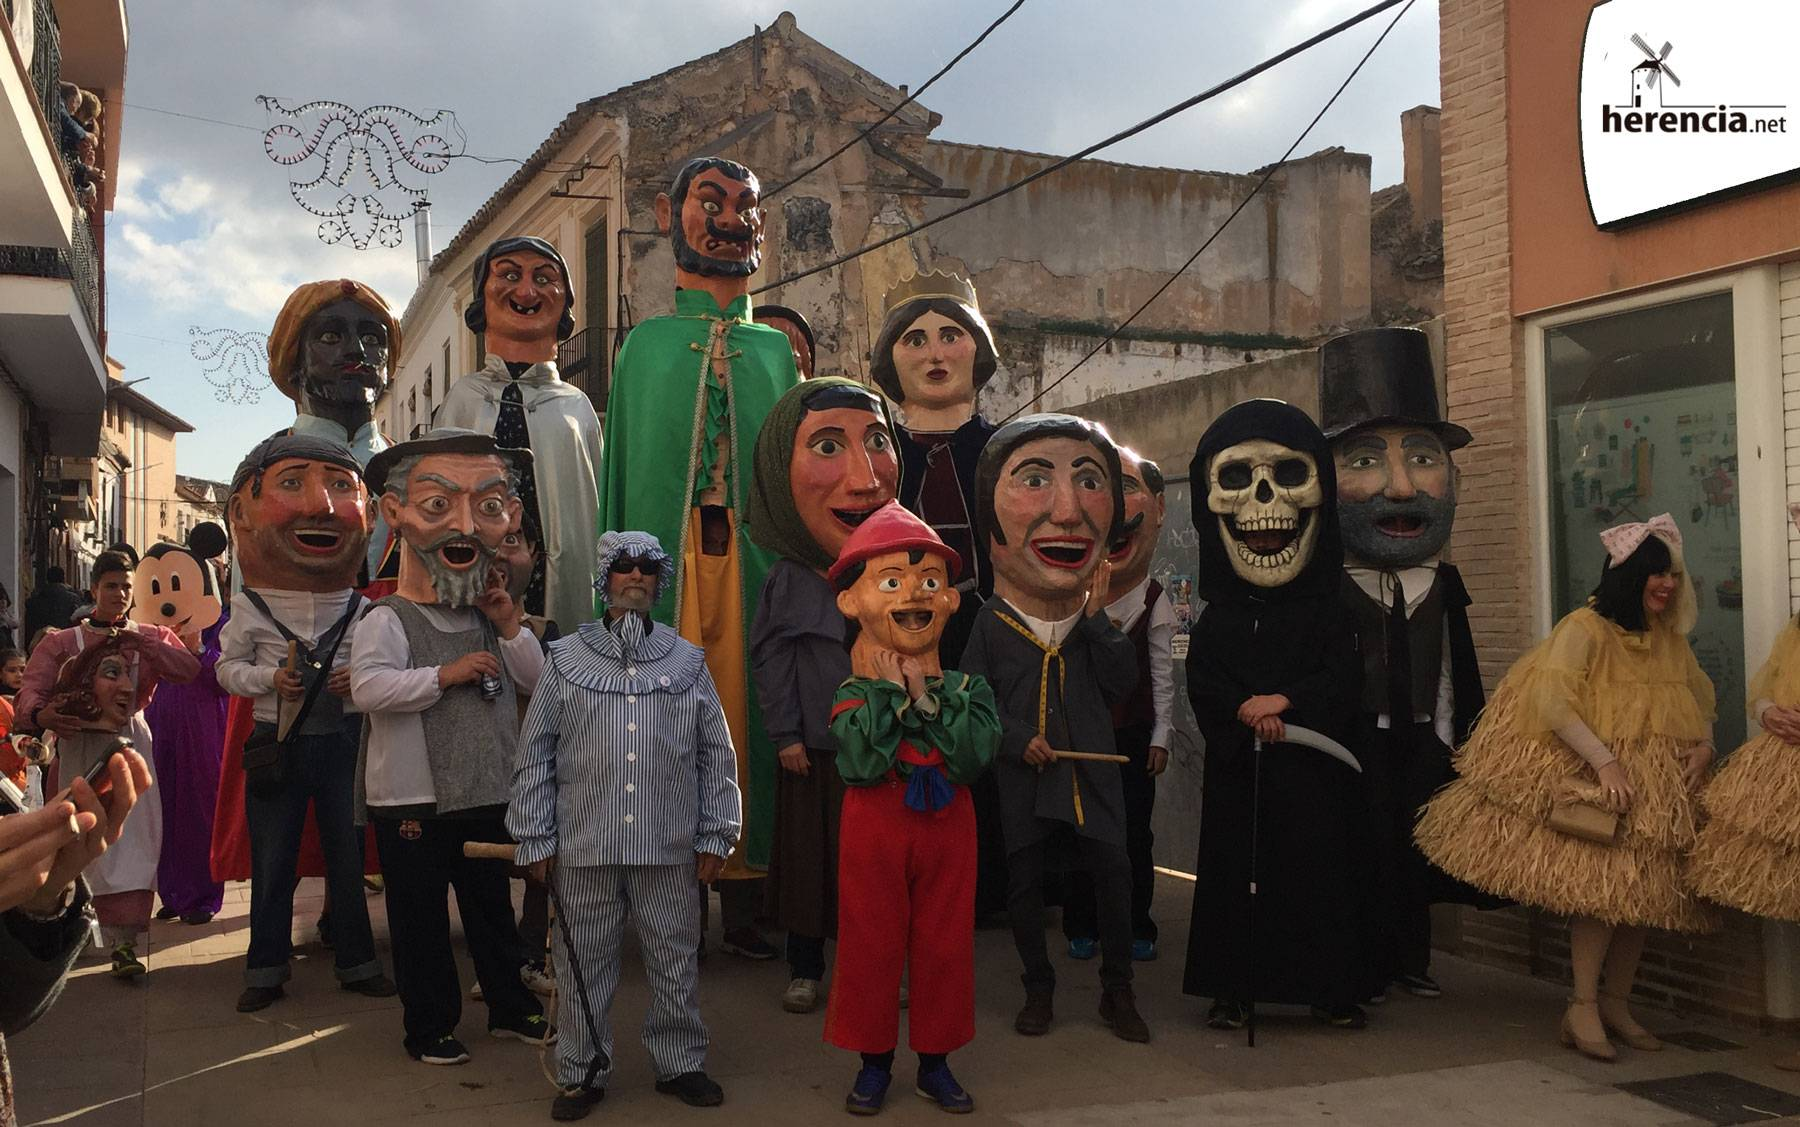 perle gigantes cabezudos carnaval herencia - Elegidos los Perlés de Honor del primer Carnaval de Interés Turístico Nacional